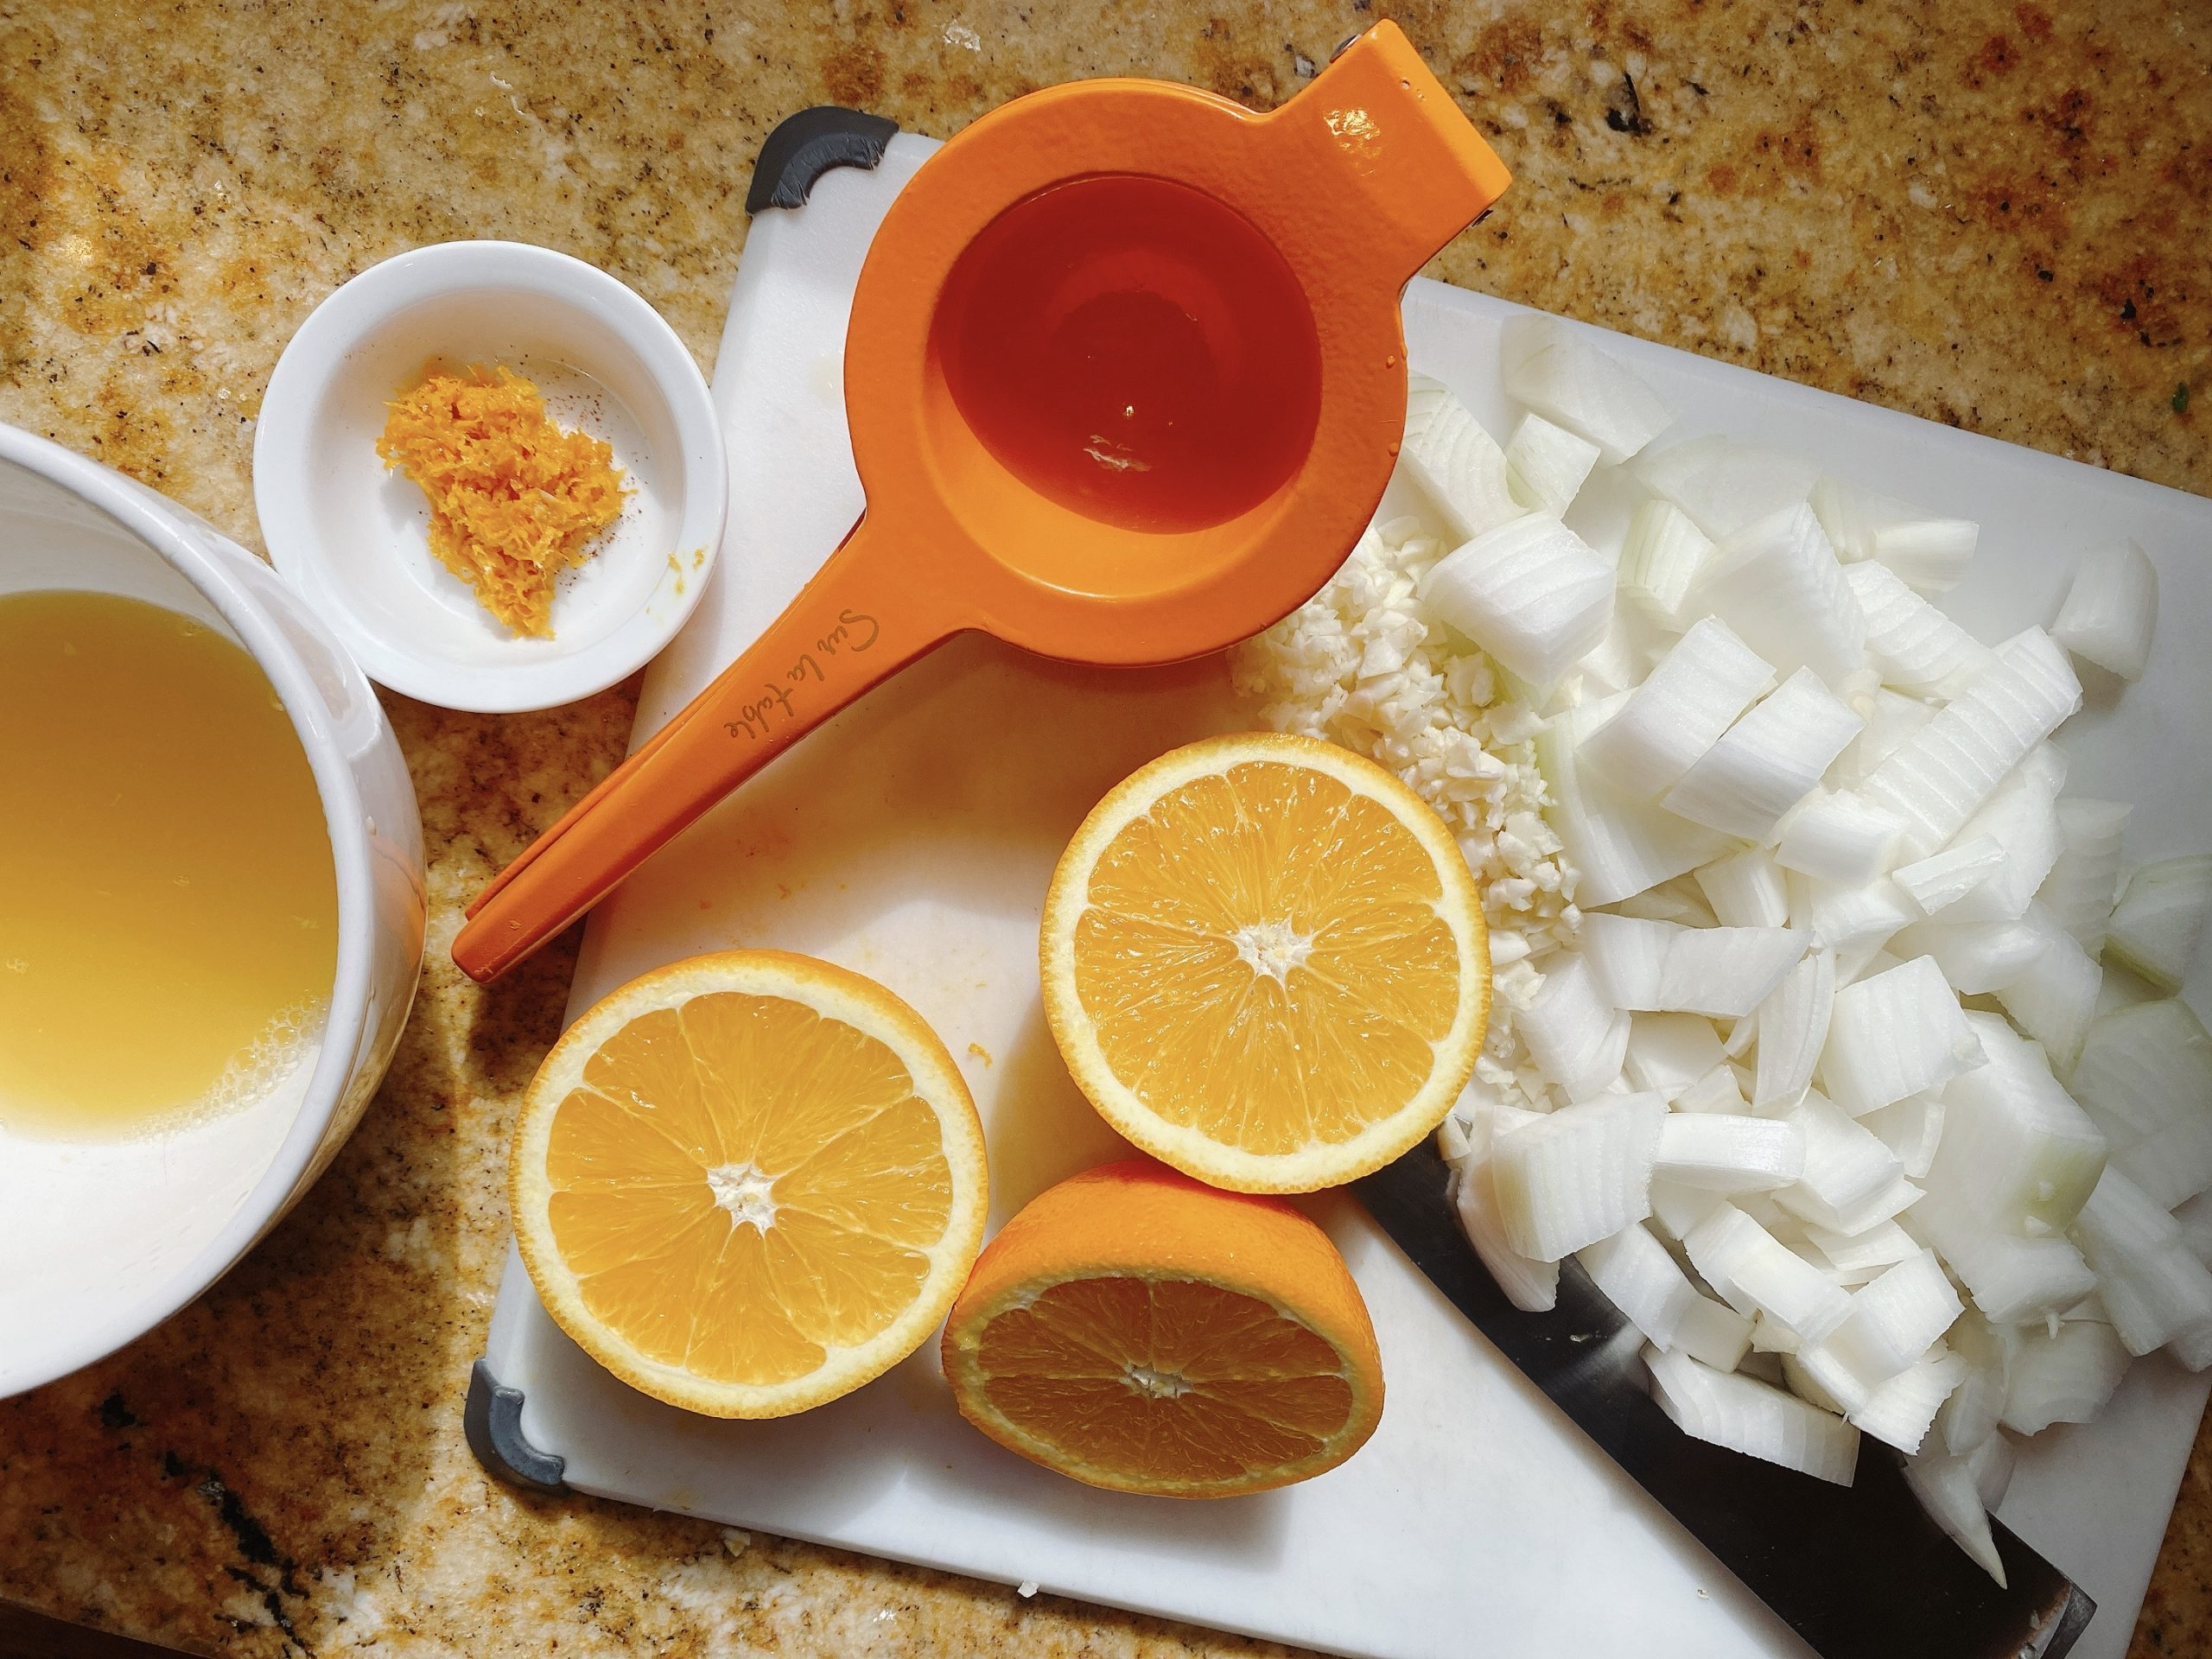 orange juicer with orange halves alongside chopped white onion and garlic